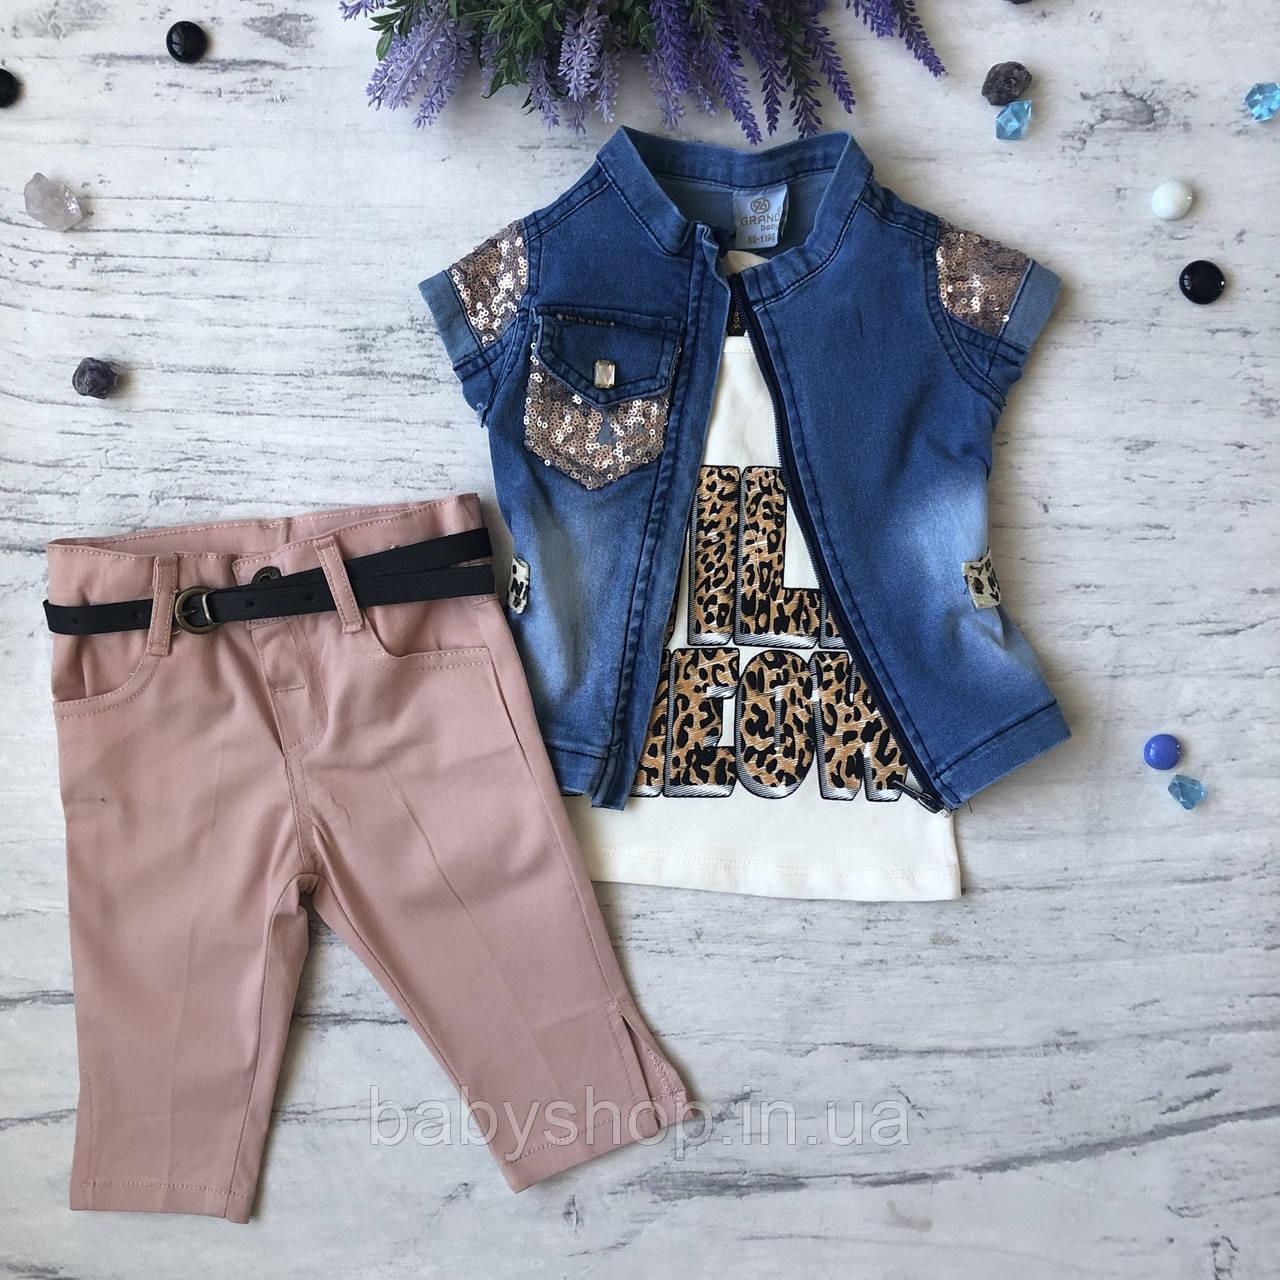 Летний джинсовый костюм на девочку 12. Размер  2 года, 3 года, 4 года